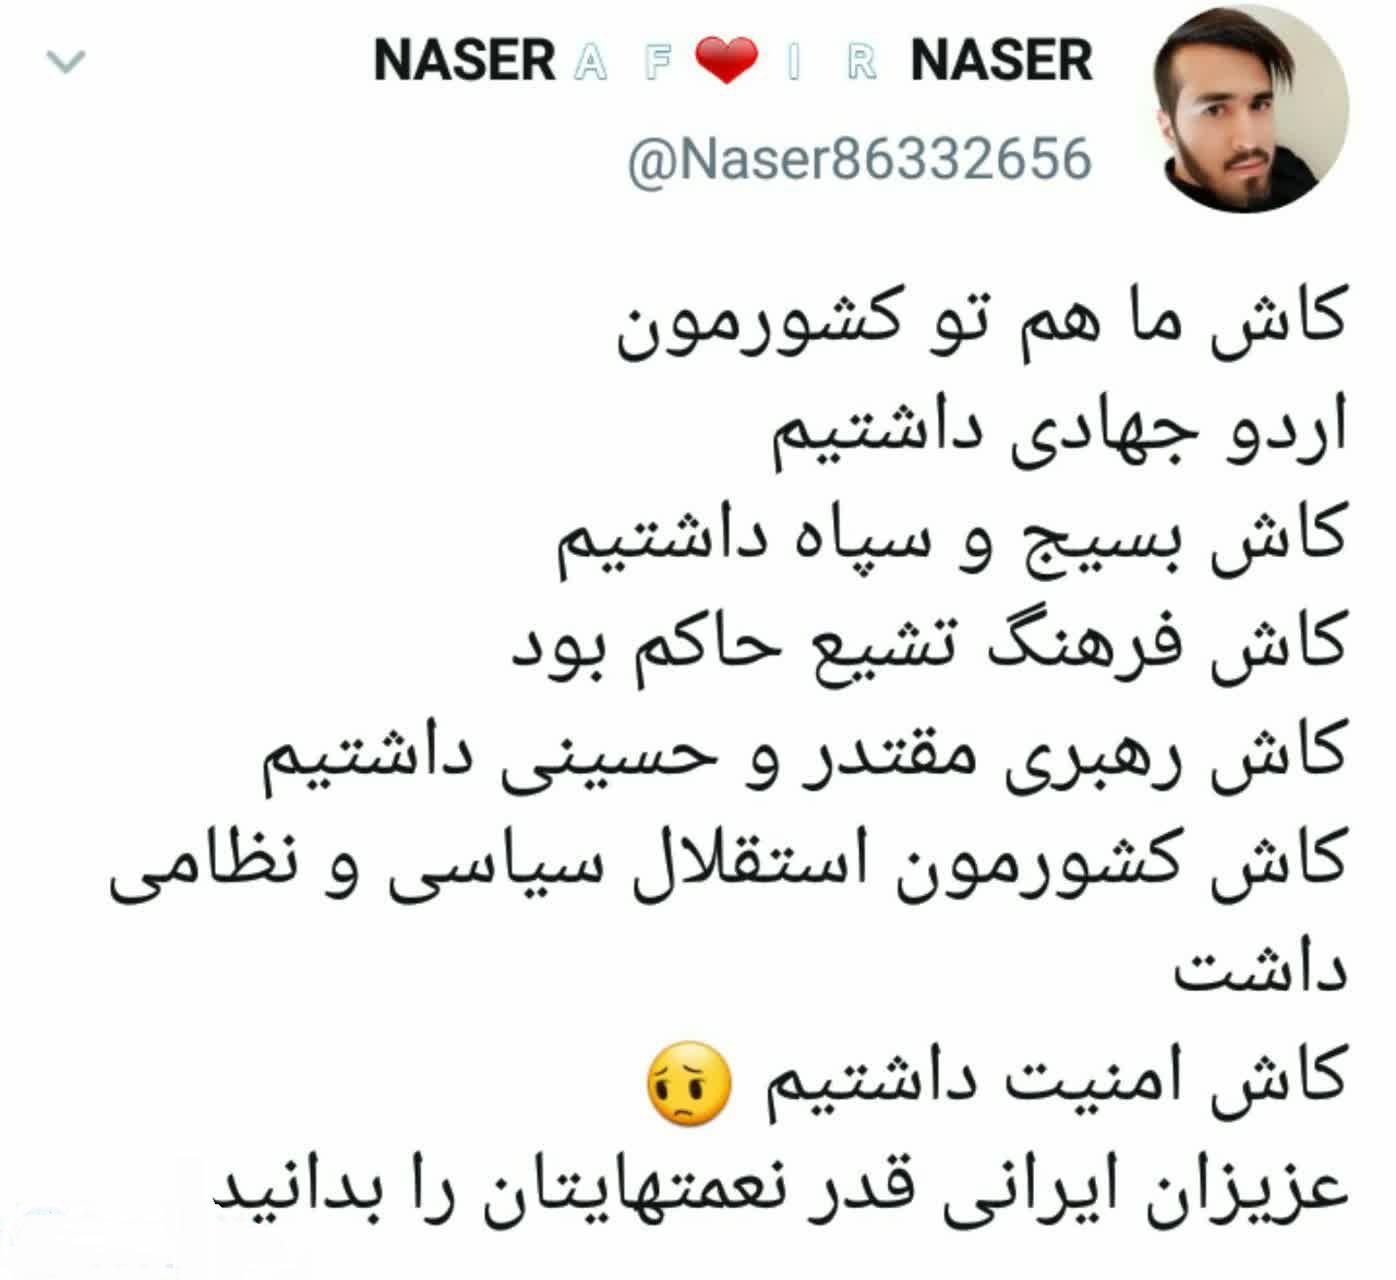 عزیزان ایرانی قدر نعمتهایتان را بدانید